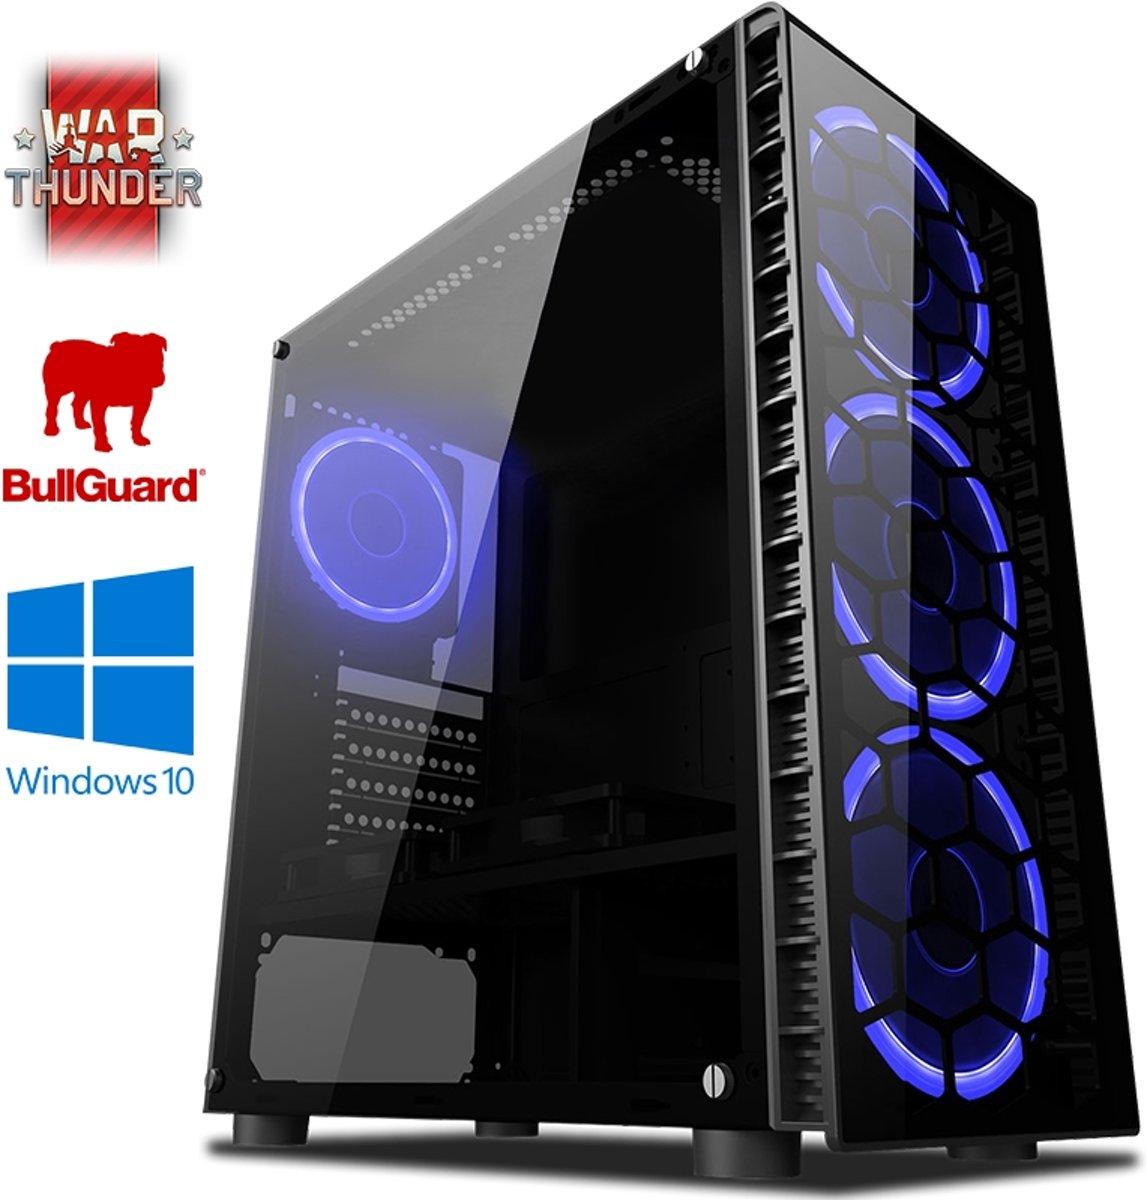 Vibox Gaming Desktop Pyro GL960-371 - Game PC